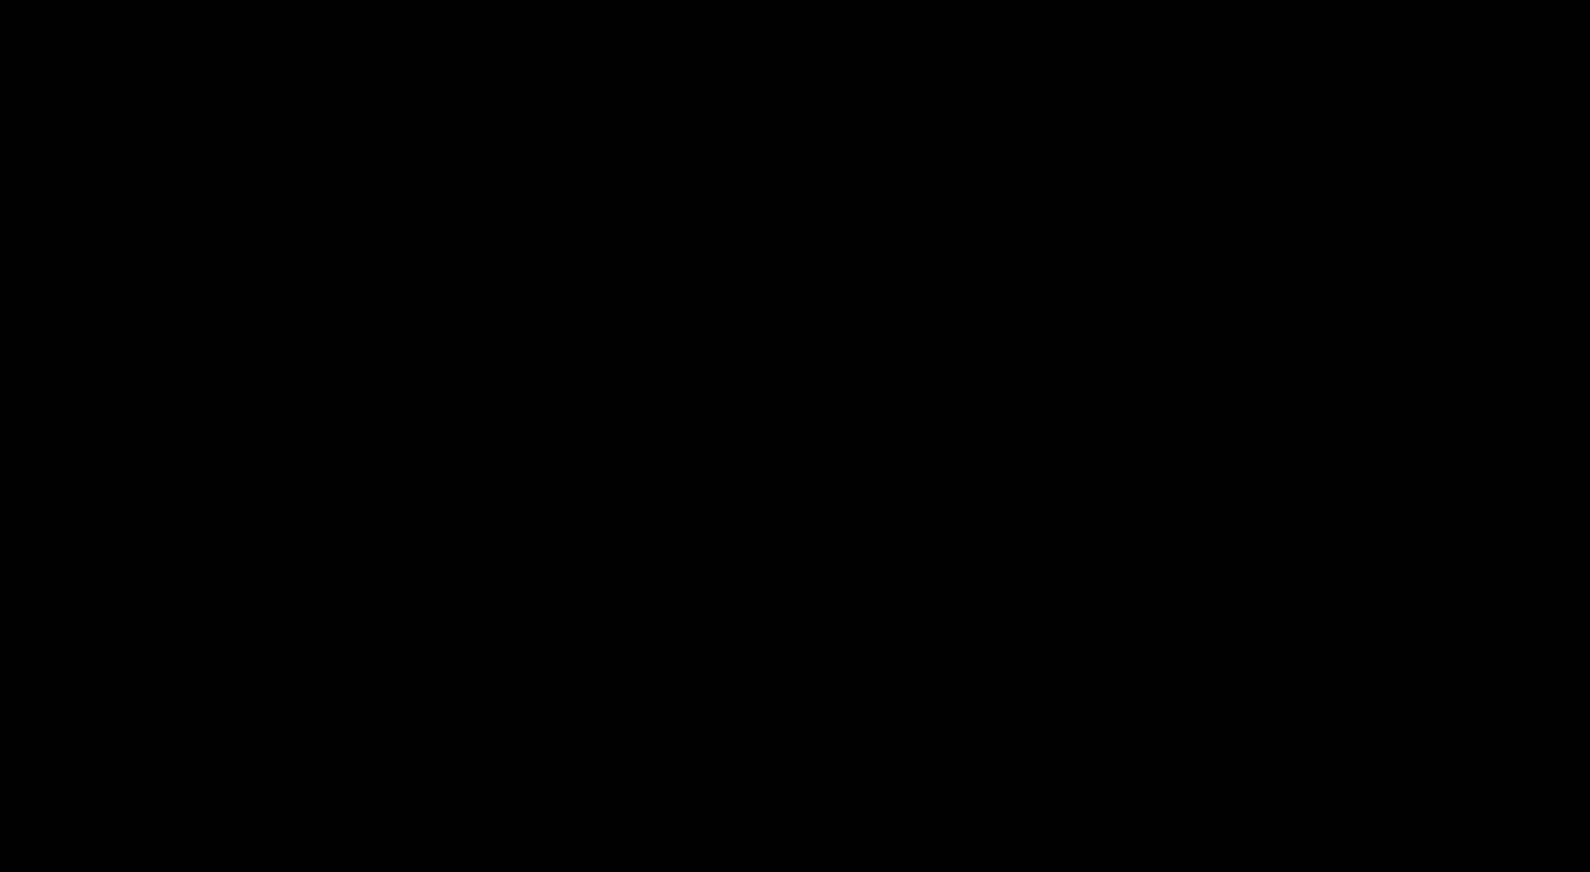 MAL-dPEG®₁₂-Tris(m-dPEG®₂₄)₃